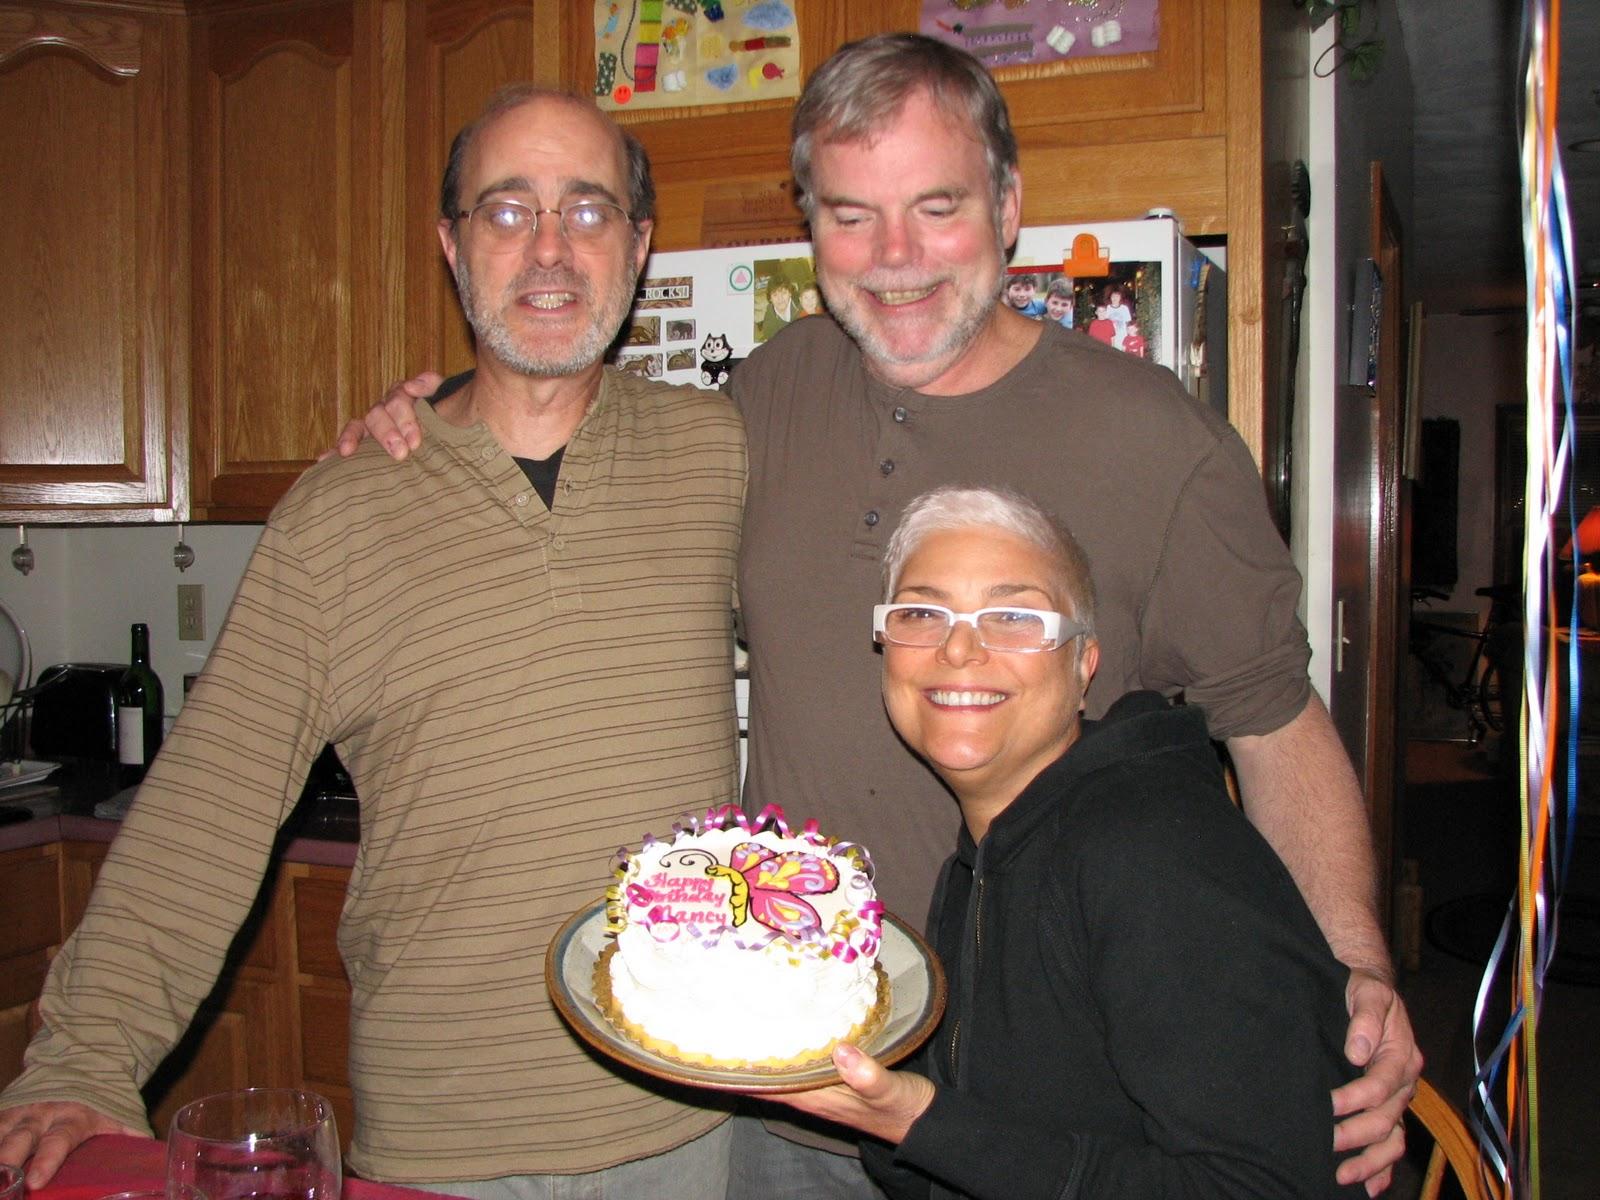 http://4.bp.blogspot.com/_IAzcccoiDVg/TLRYHO3yfII/AAAAAAAABkQ/3dRXbKBaZwM/s1600/boston+birthday+004.jpg